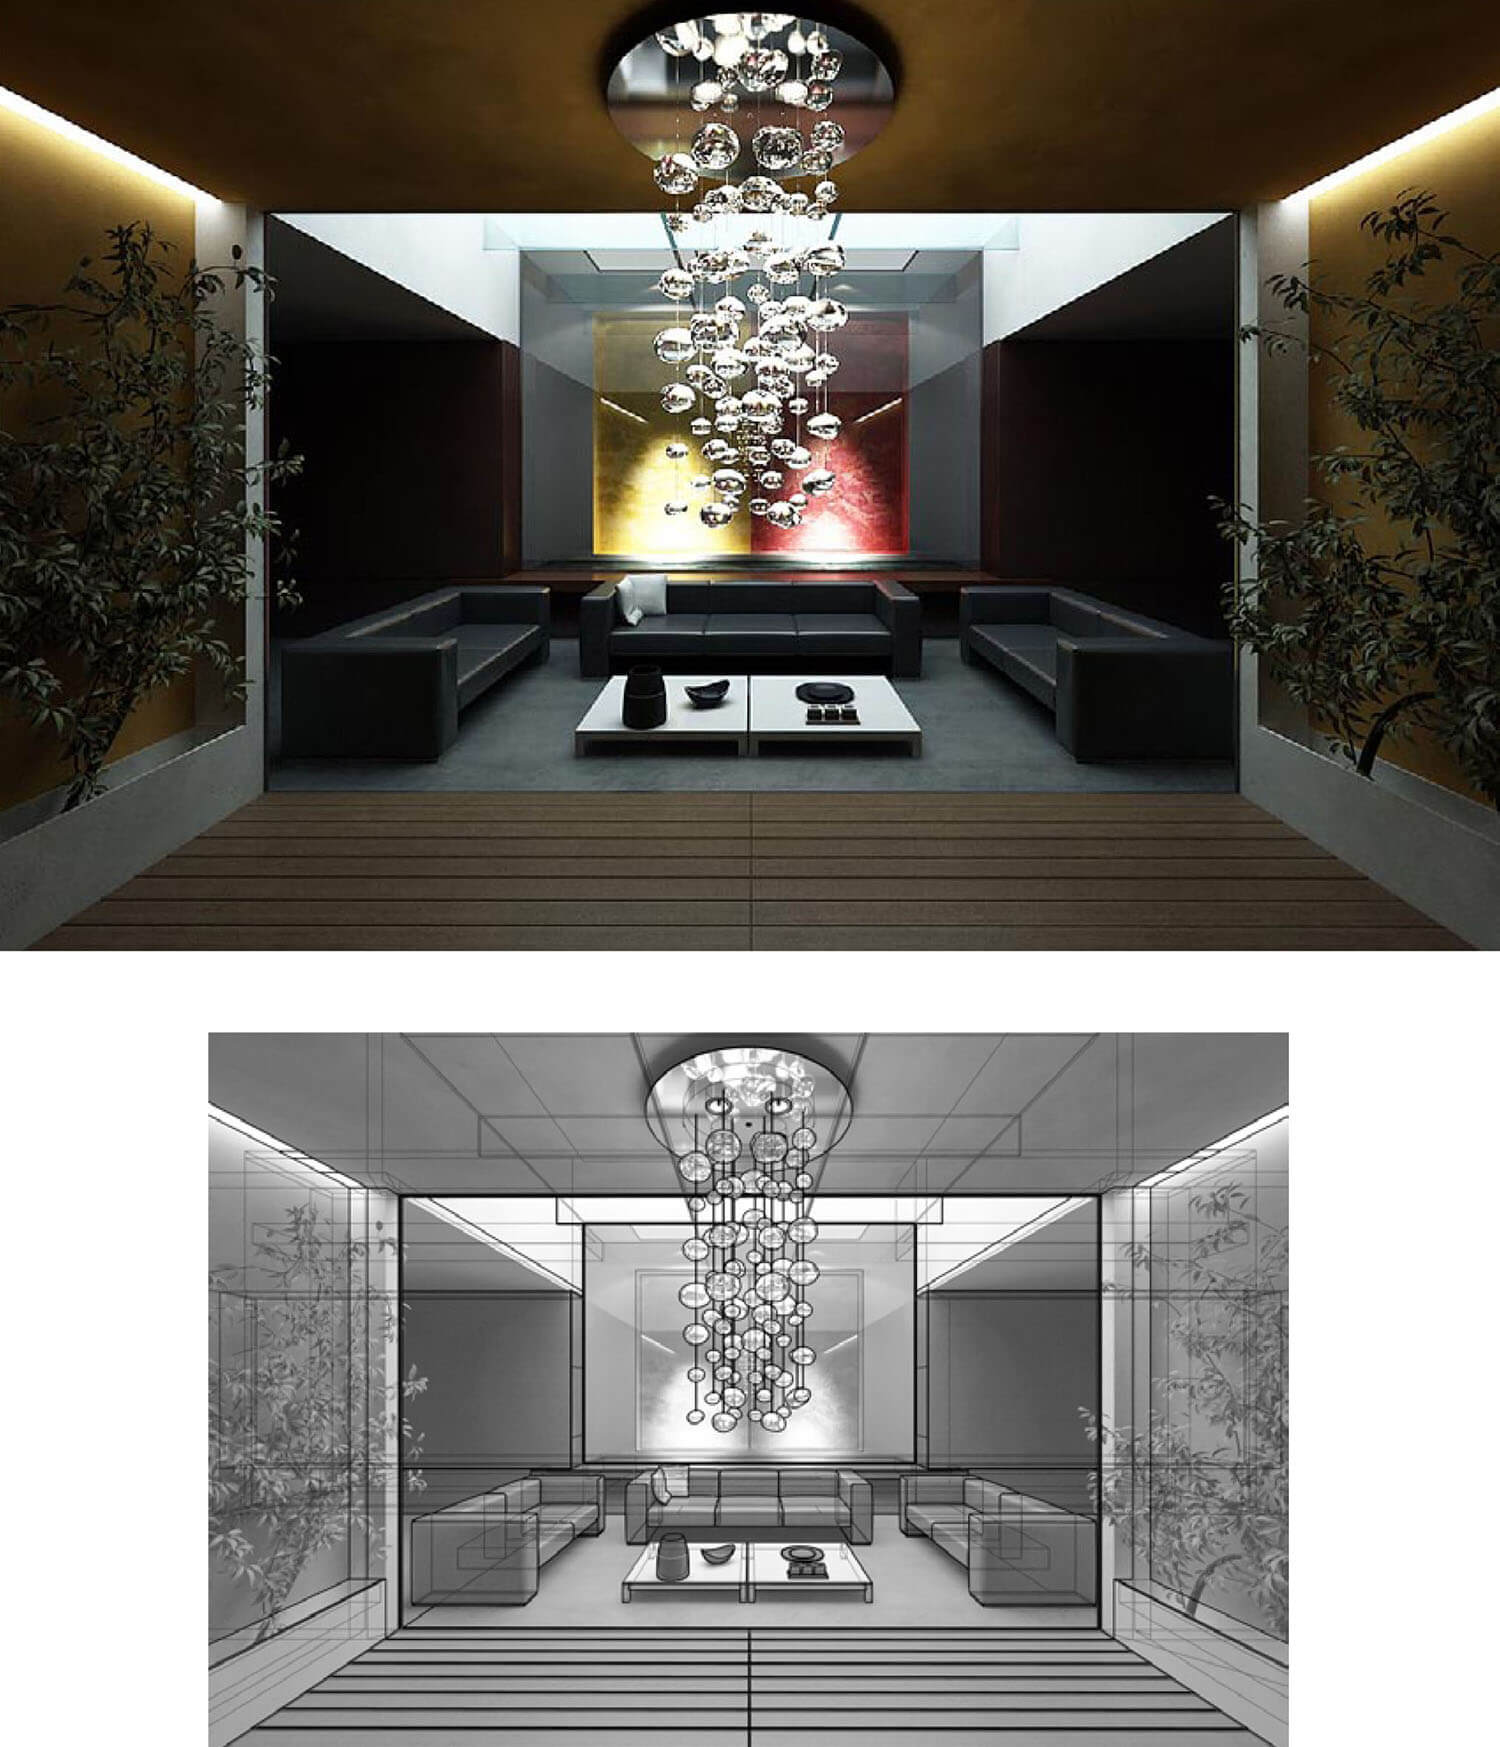 Nội thất trang trí bởi tường trần màu cam và đèn hắt